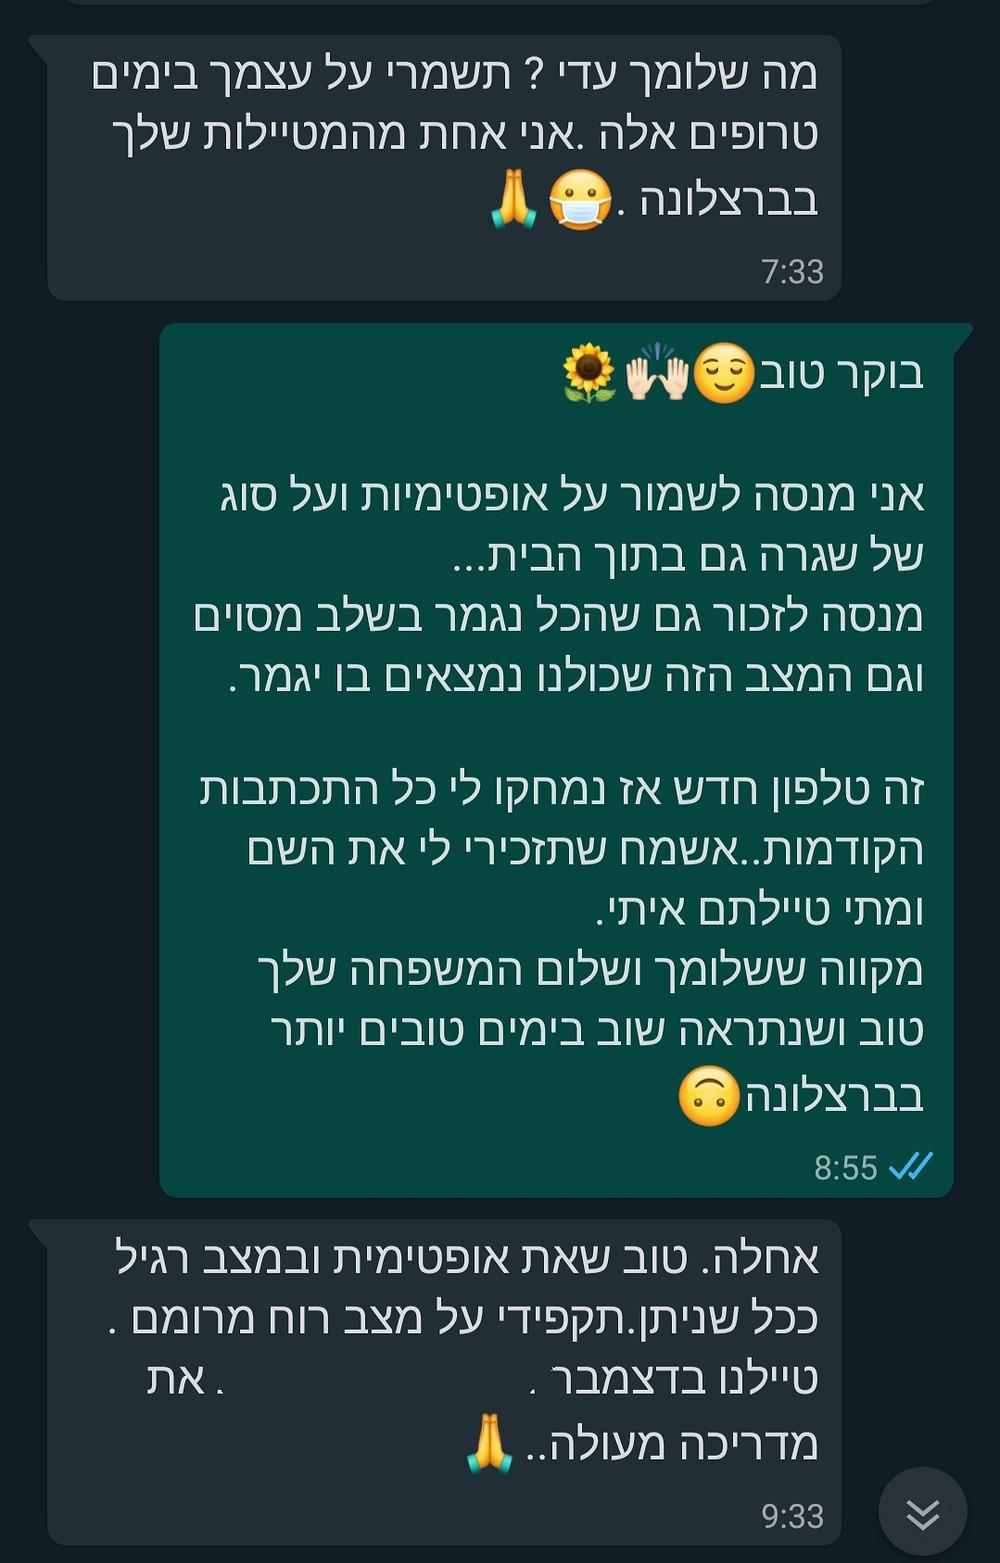 צילום מסך מהטלפון של עדי